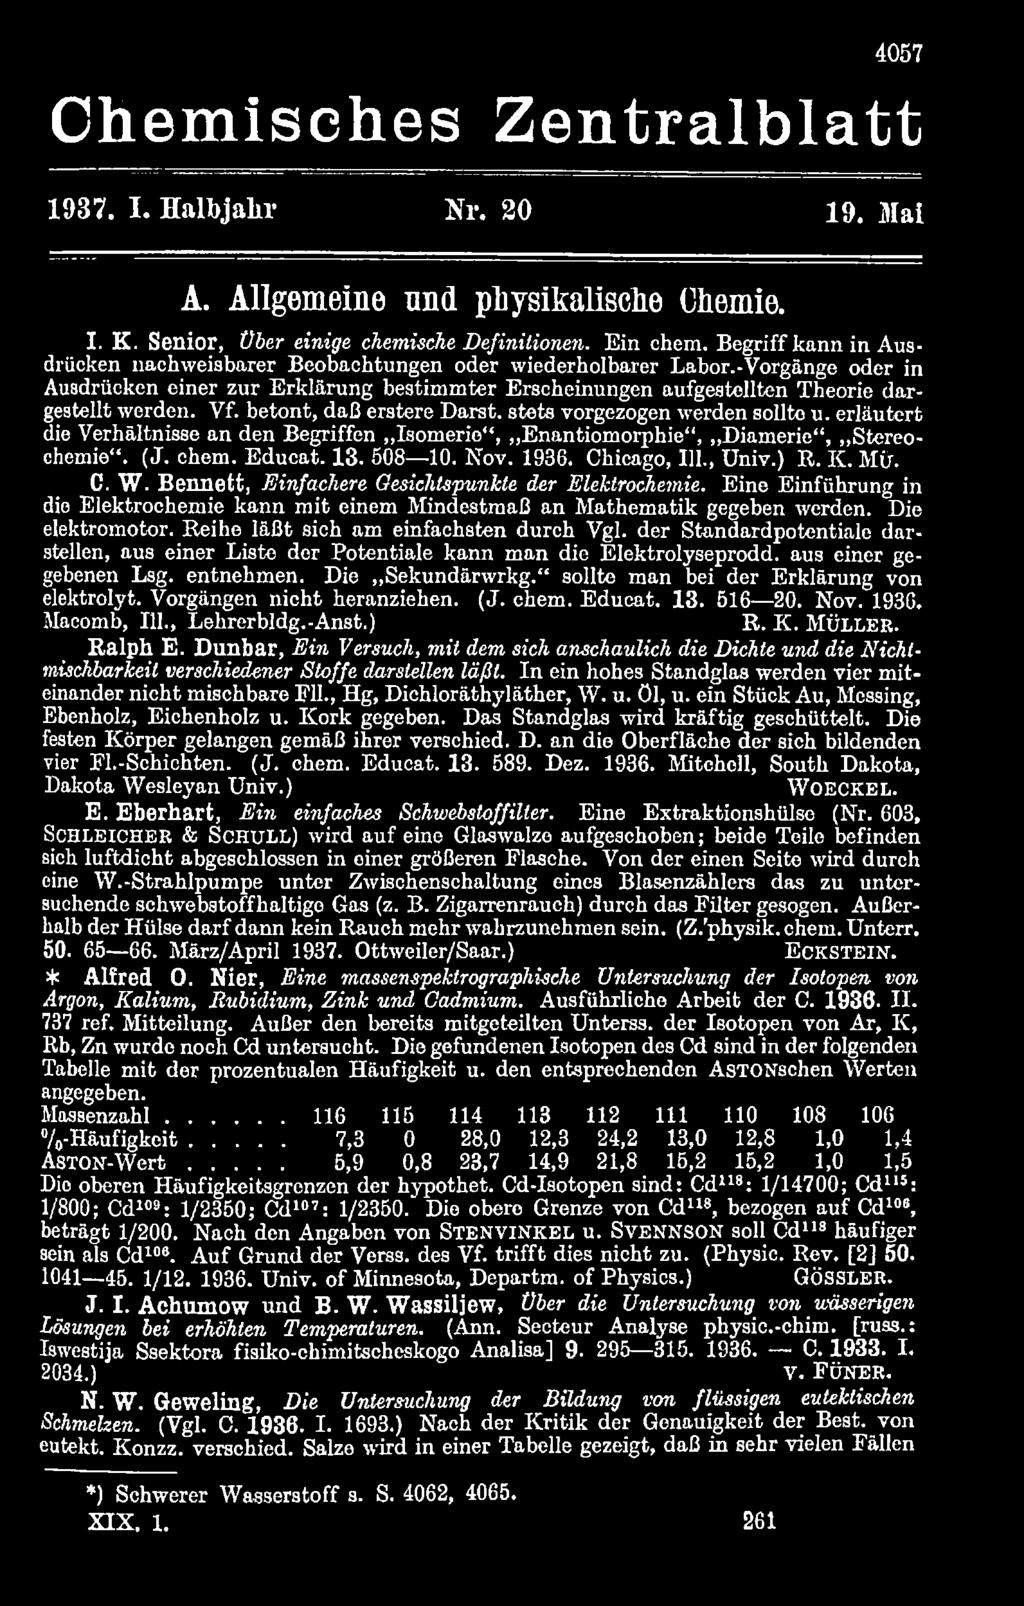 Spielgerüst Garten Elegant Chemisches Zentralblatt Pdf Free Download